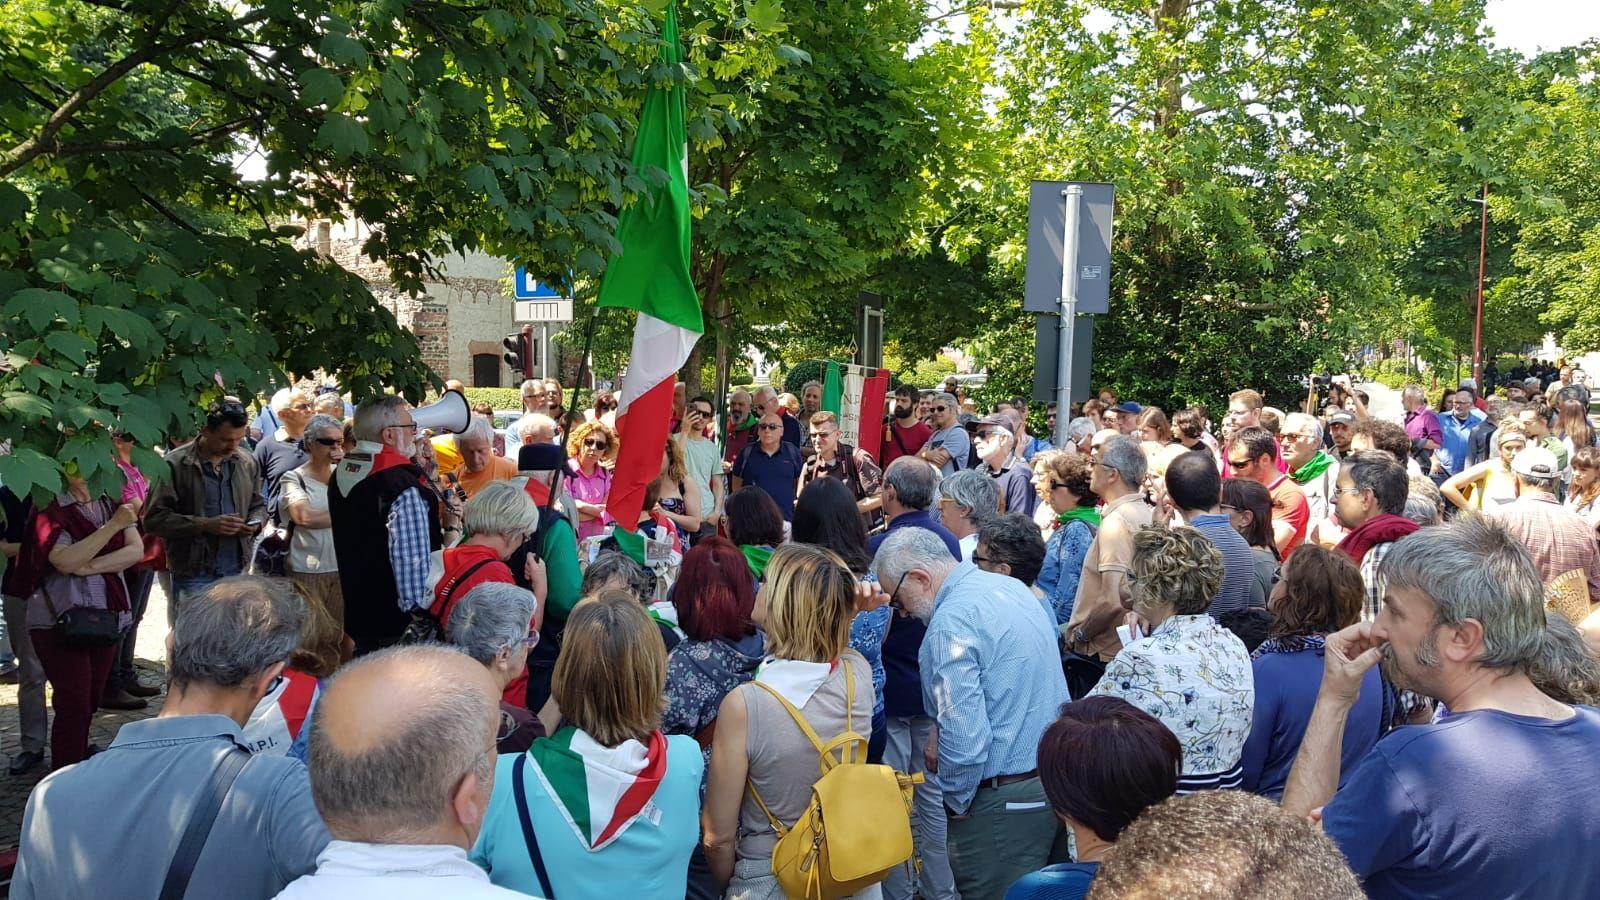 IVREA - L'Anpi con trenta associazioni del Canavese manifesta in centro contro l'ultradestra - FOTO e VIDEO